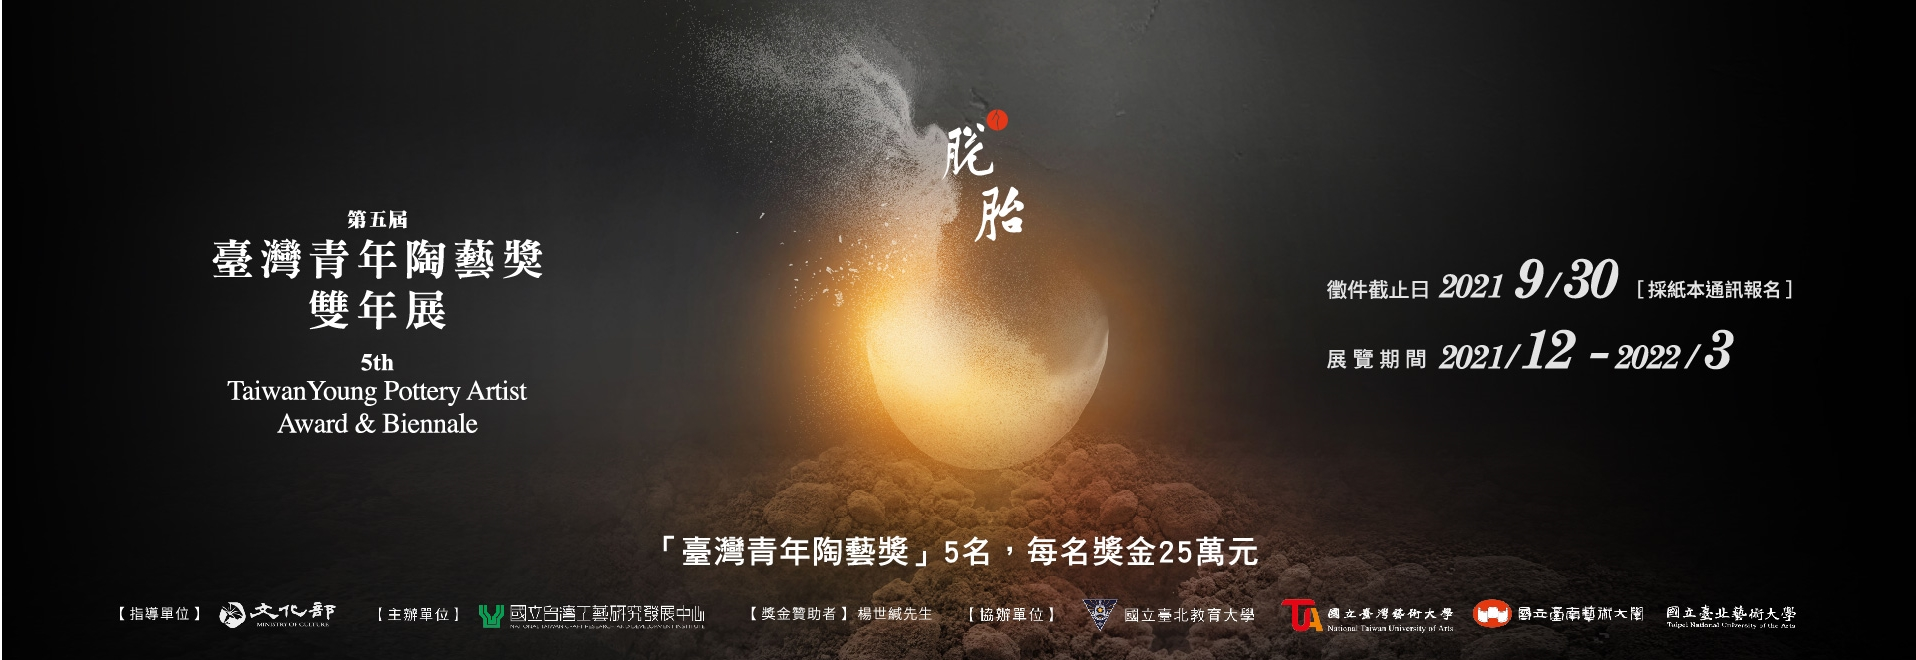 「第五屆臺灣青年陶藝獎暨雙年展」徵件「另開新視窗」